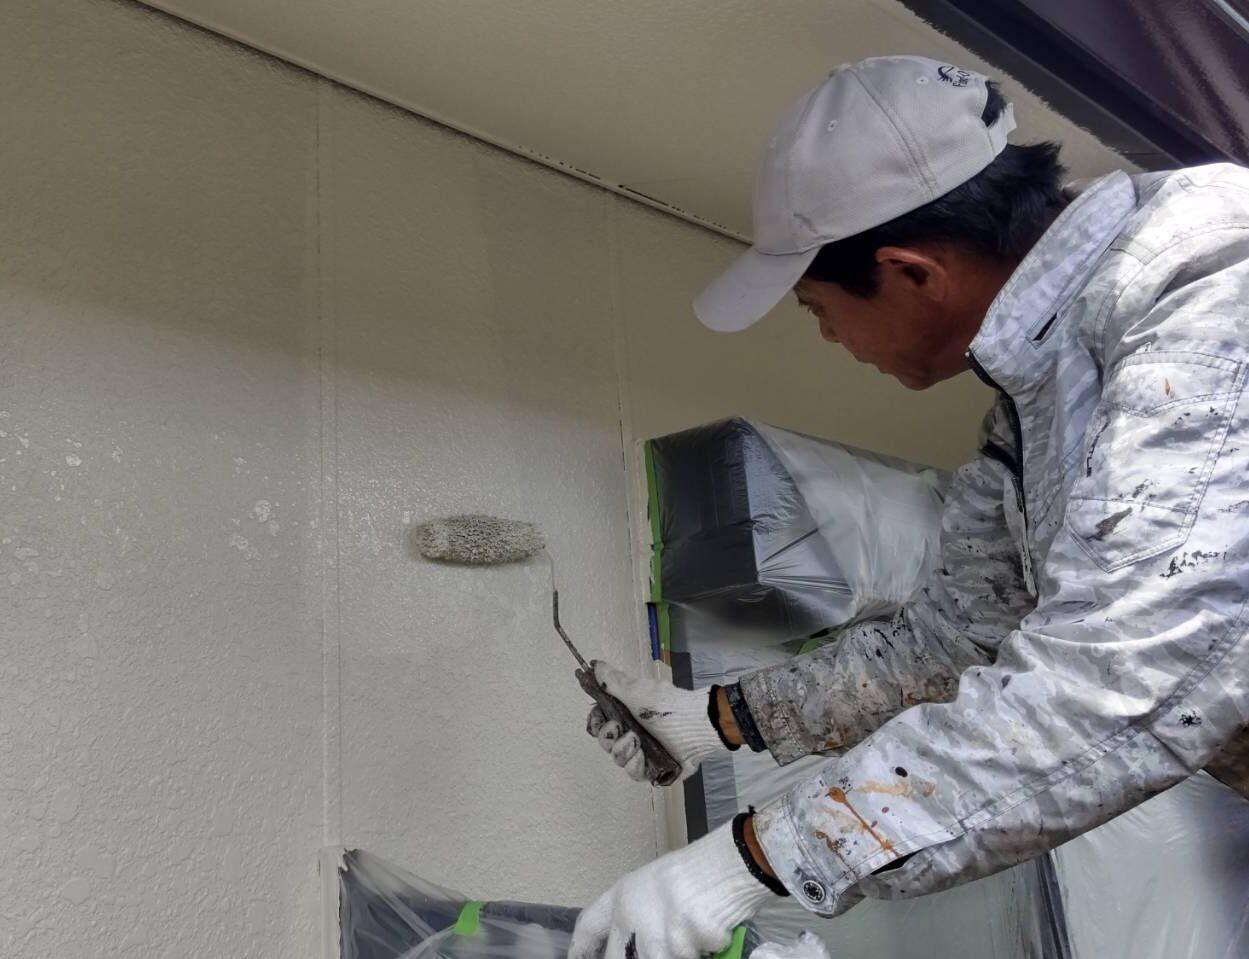 佐賀市 外壁塗装 塗るばい サニー建設商事 サニケン さにけん